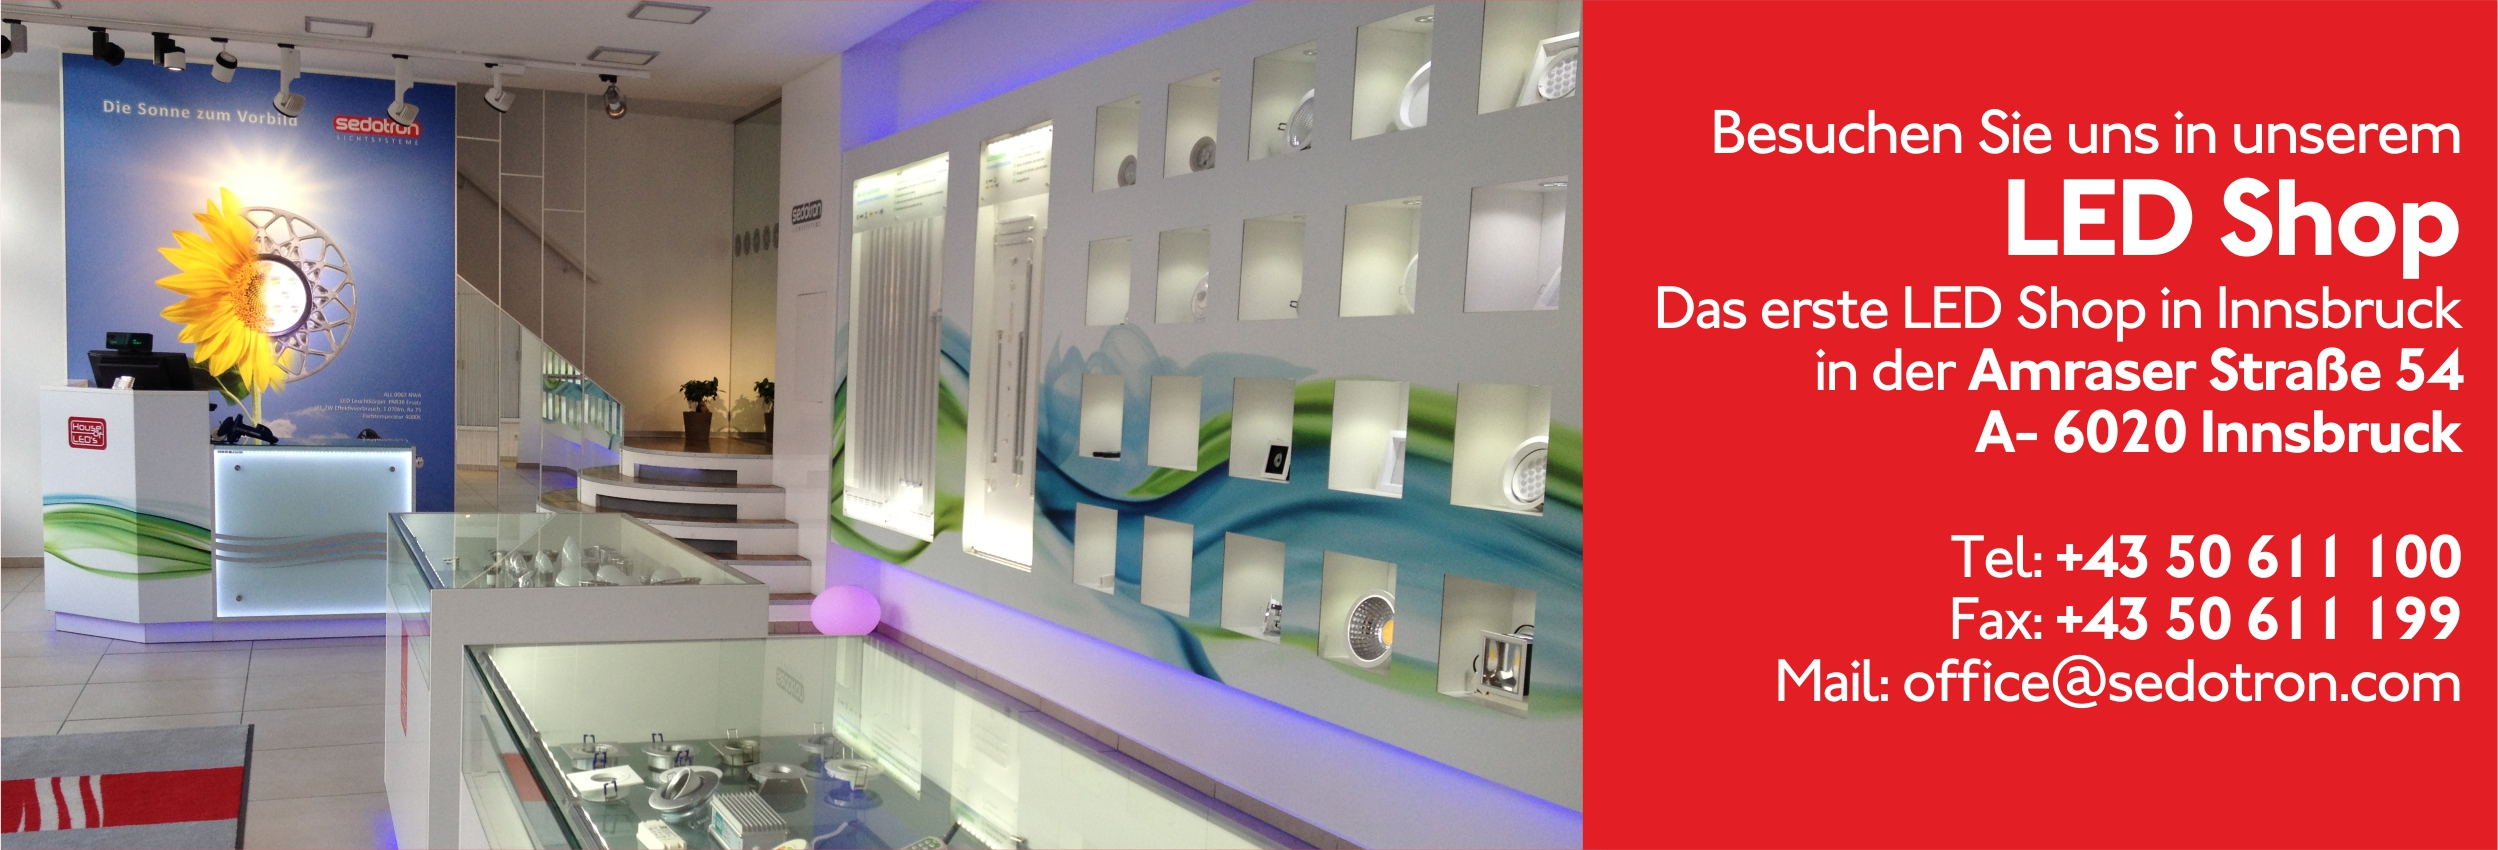 unser LED Shop